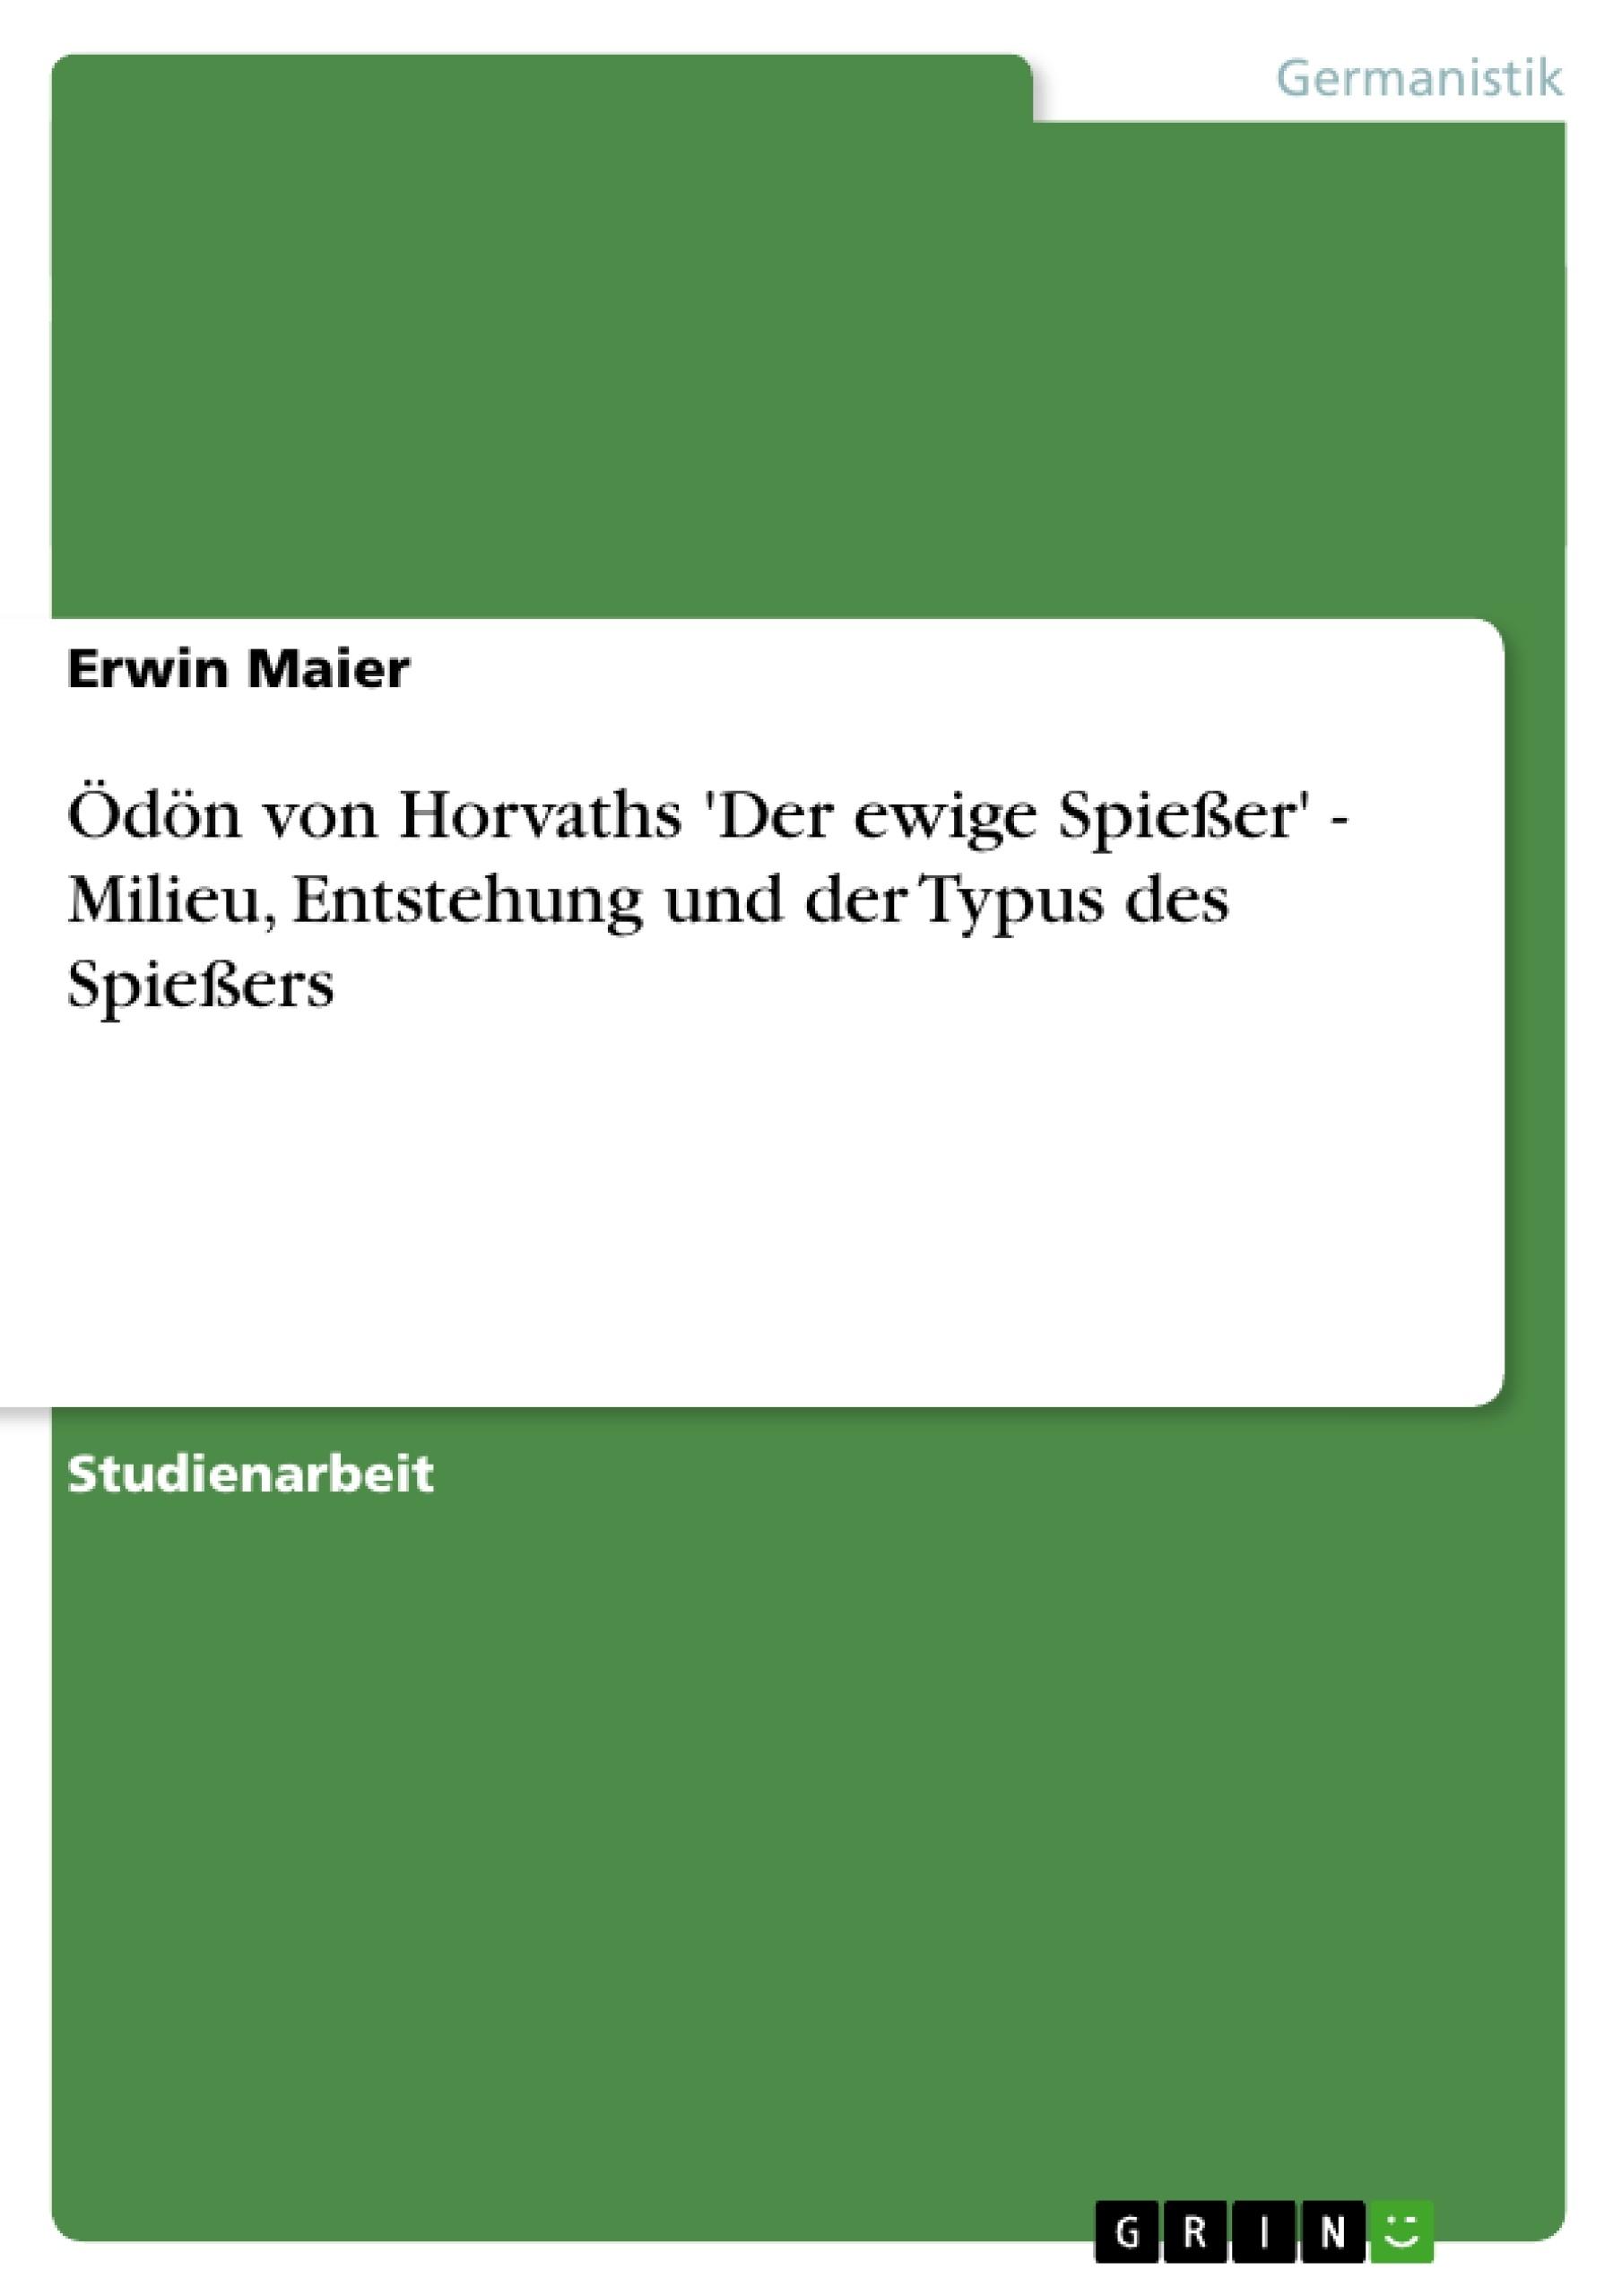 Titel: Ödön von Horvaths 'Der ewige Spießer' - Milieu, Entstehung und der Typus des Spießers